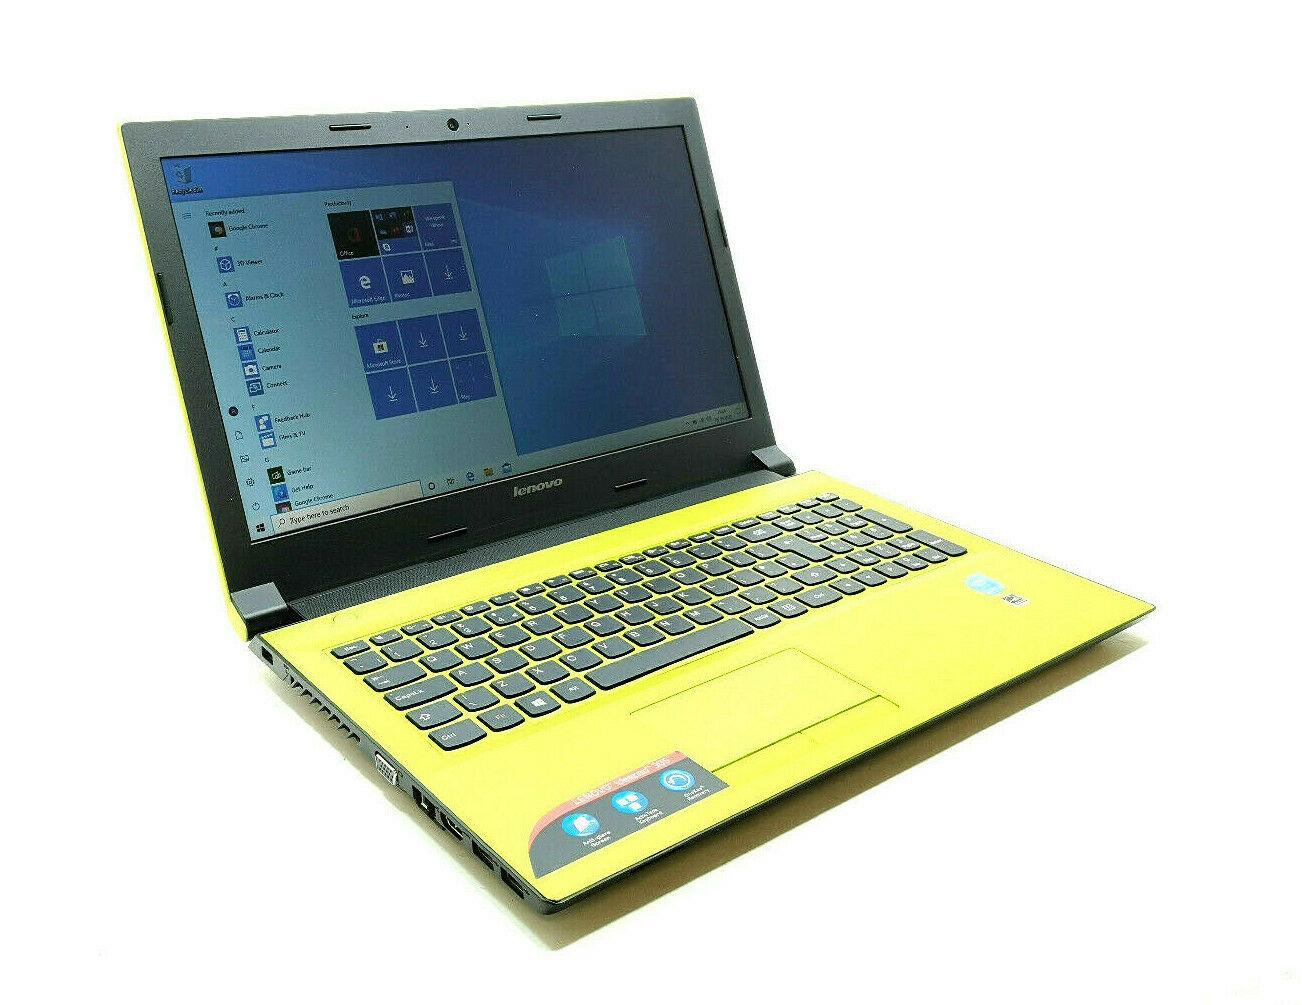 Lenovo-IdeaPad-305 - 146461